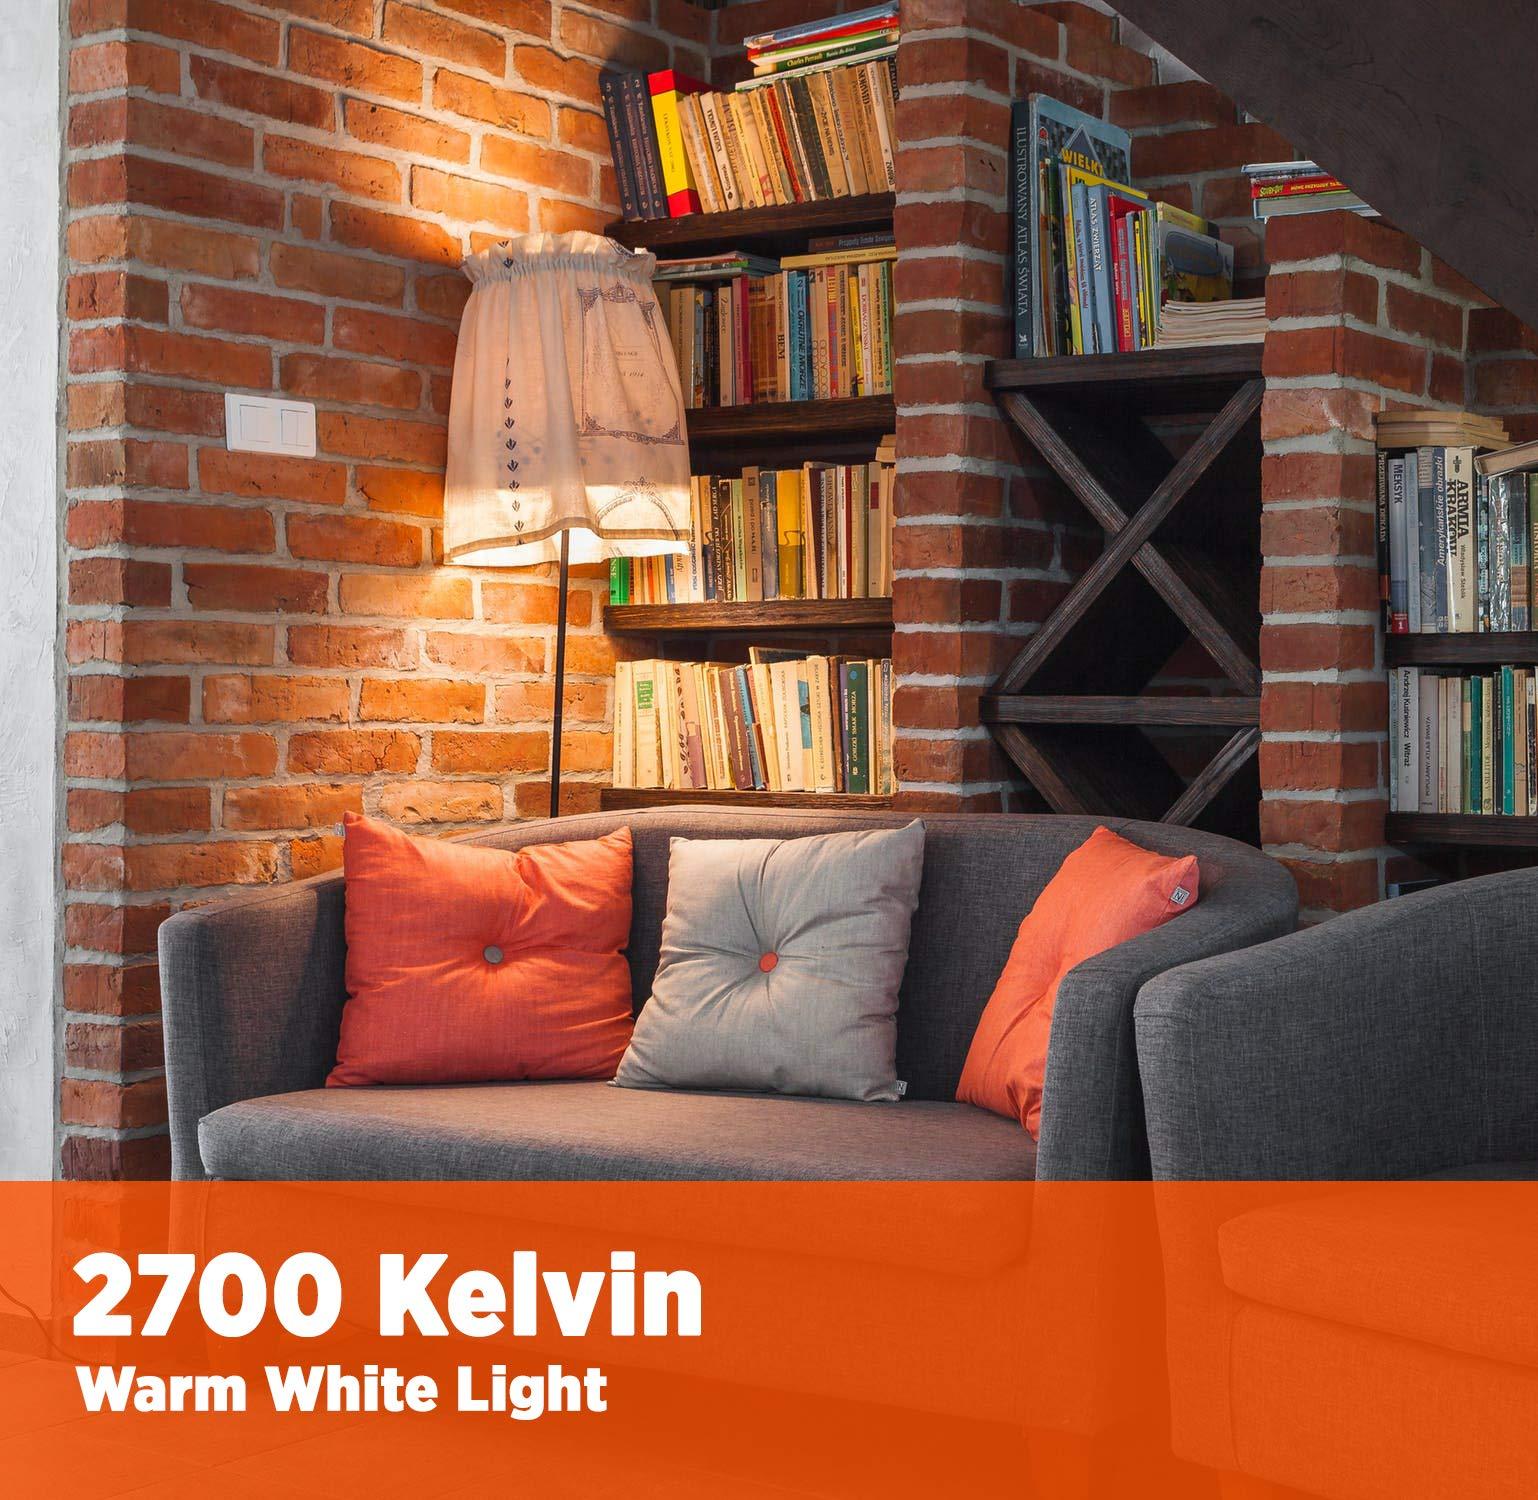 GoodBulb 23 Watt CFL Light Bulbs - T2 Spiral Compact Fluorescent - GU24 Light Bulb Base - 2700K 1600 Lumens - 4 Pack by GoodBulb (Image #4)